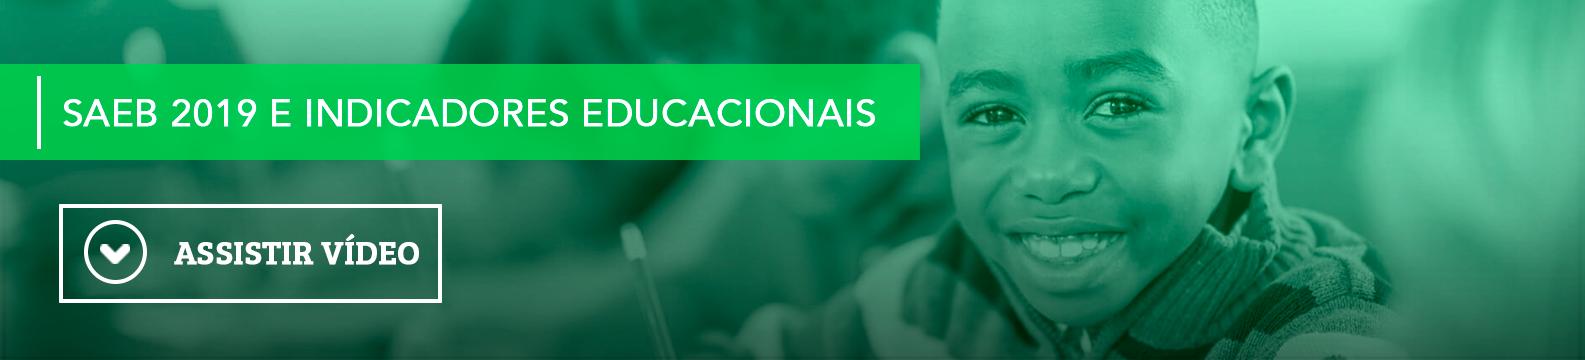 Saeb 2019 e indicadores educacionais. Inscreva-se!